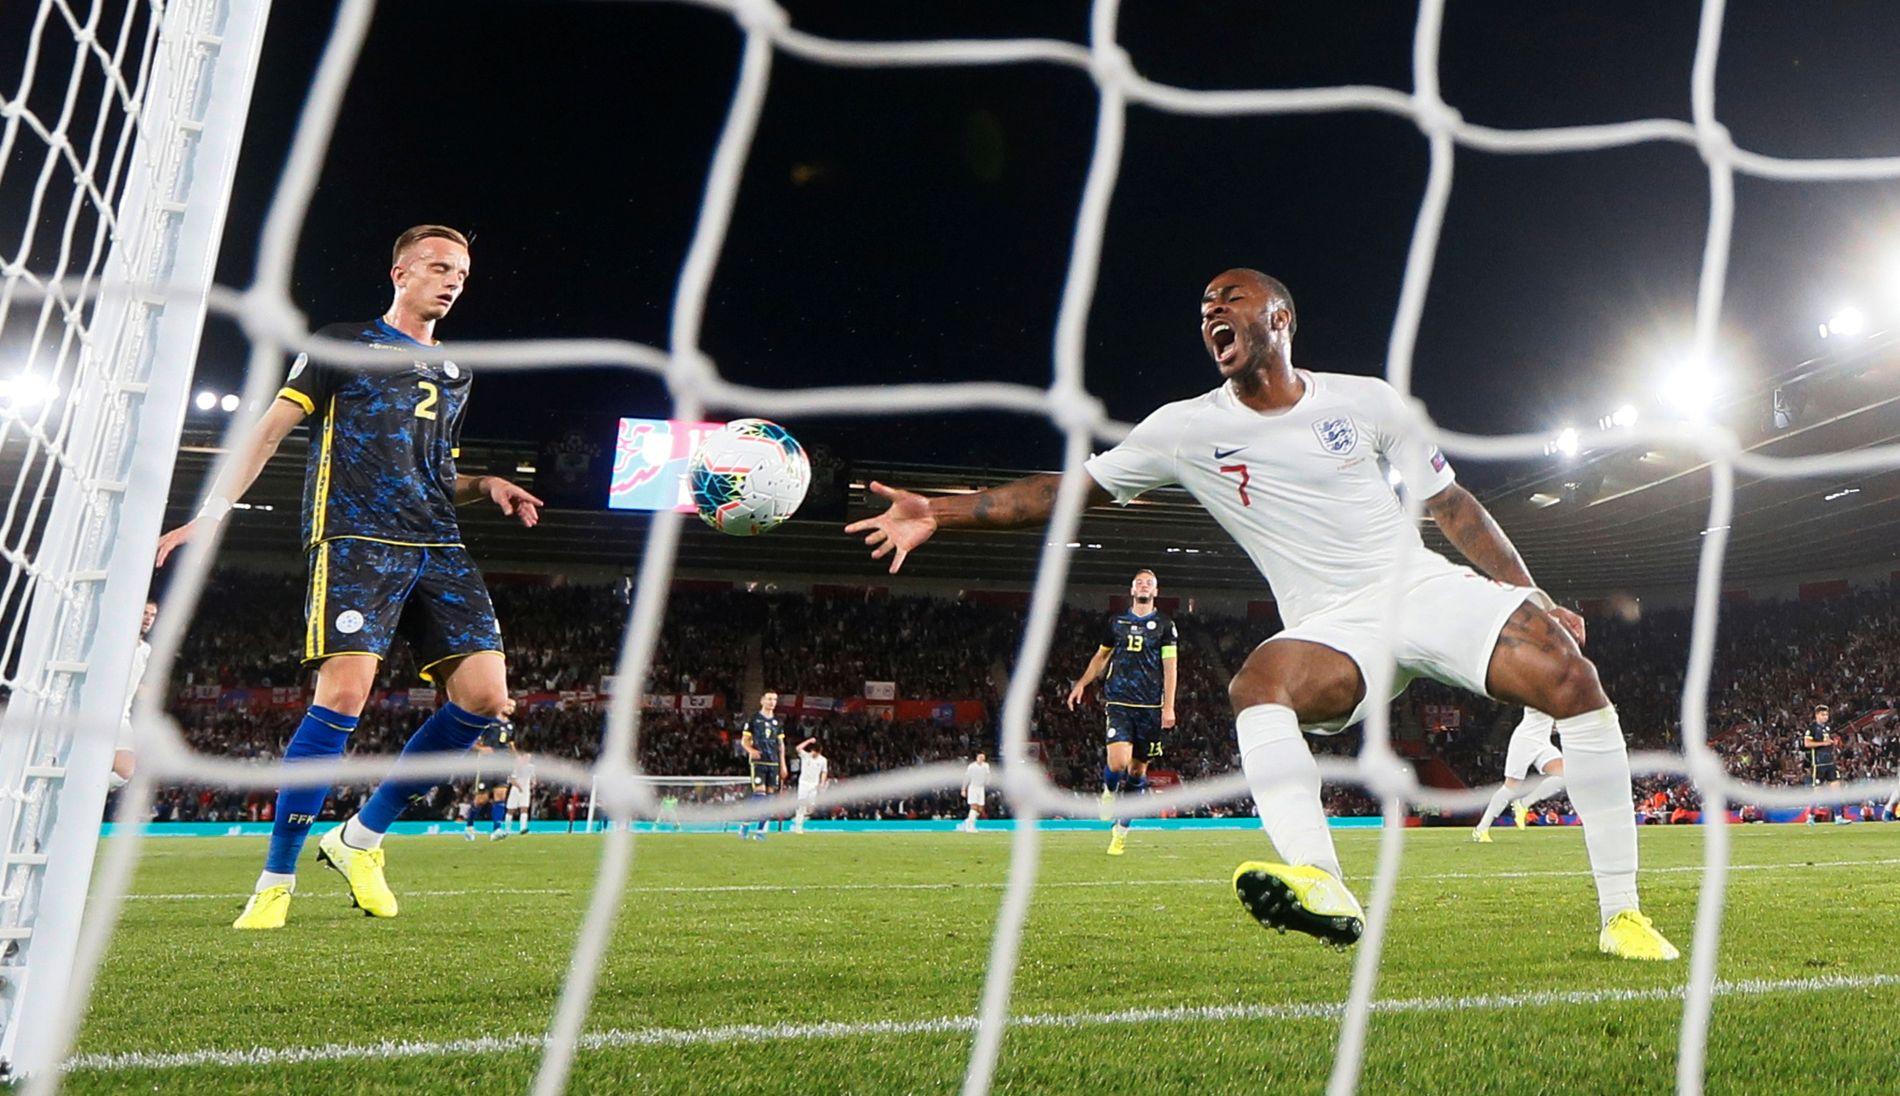 MÅL! Raheem Sterling feirer Englands andre mål, som ble satt inn av Harry Kane (ikke i bildet).